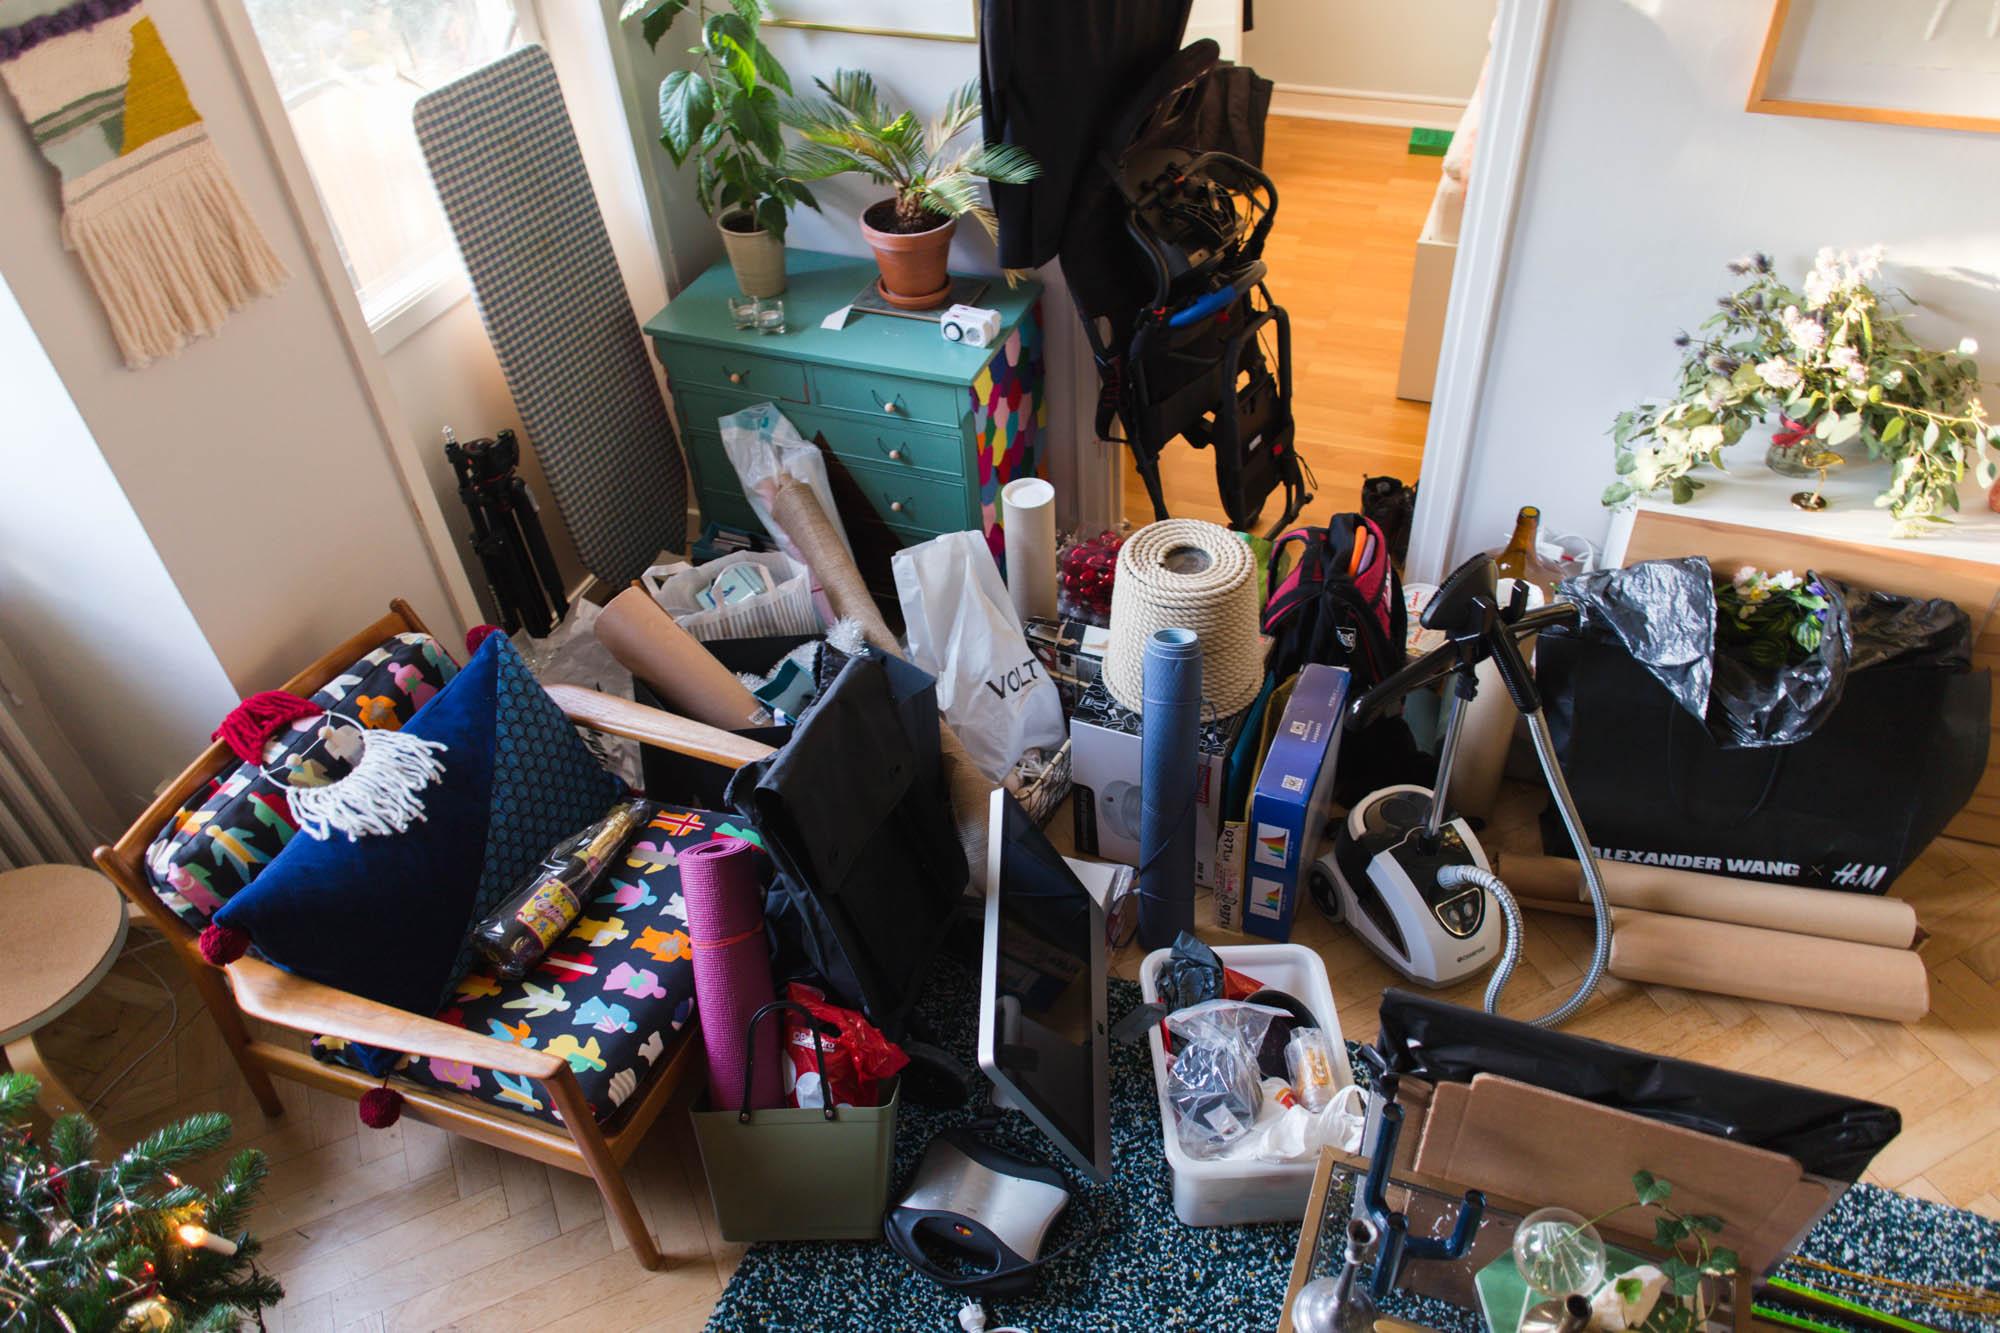 Rensa hemma - klädkammare och förråd